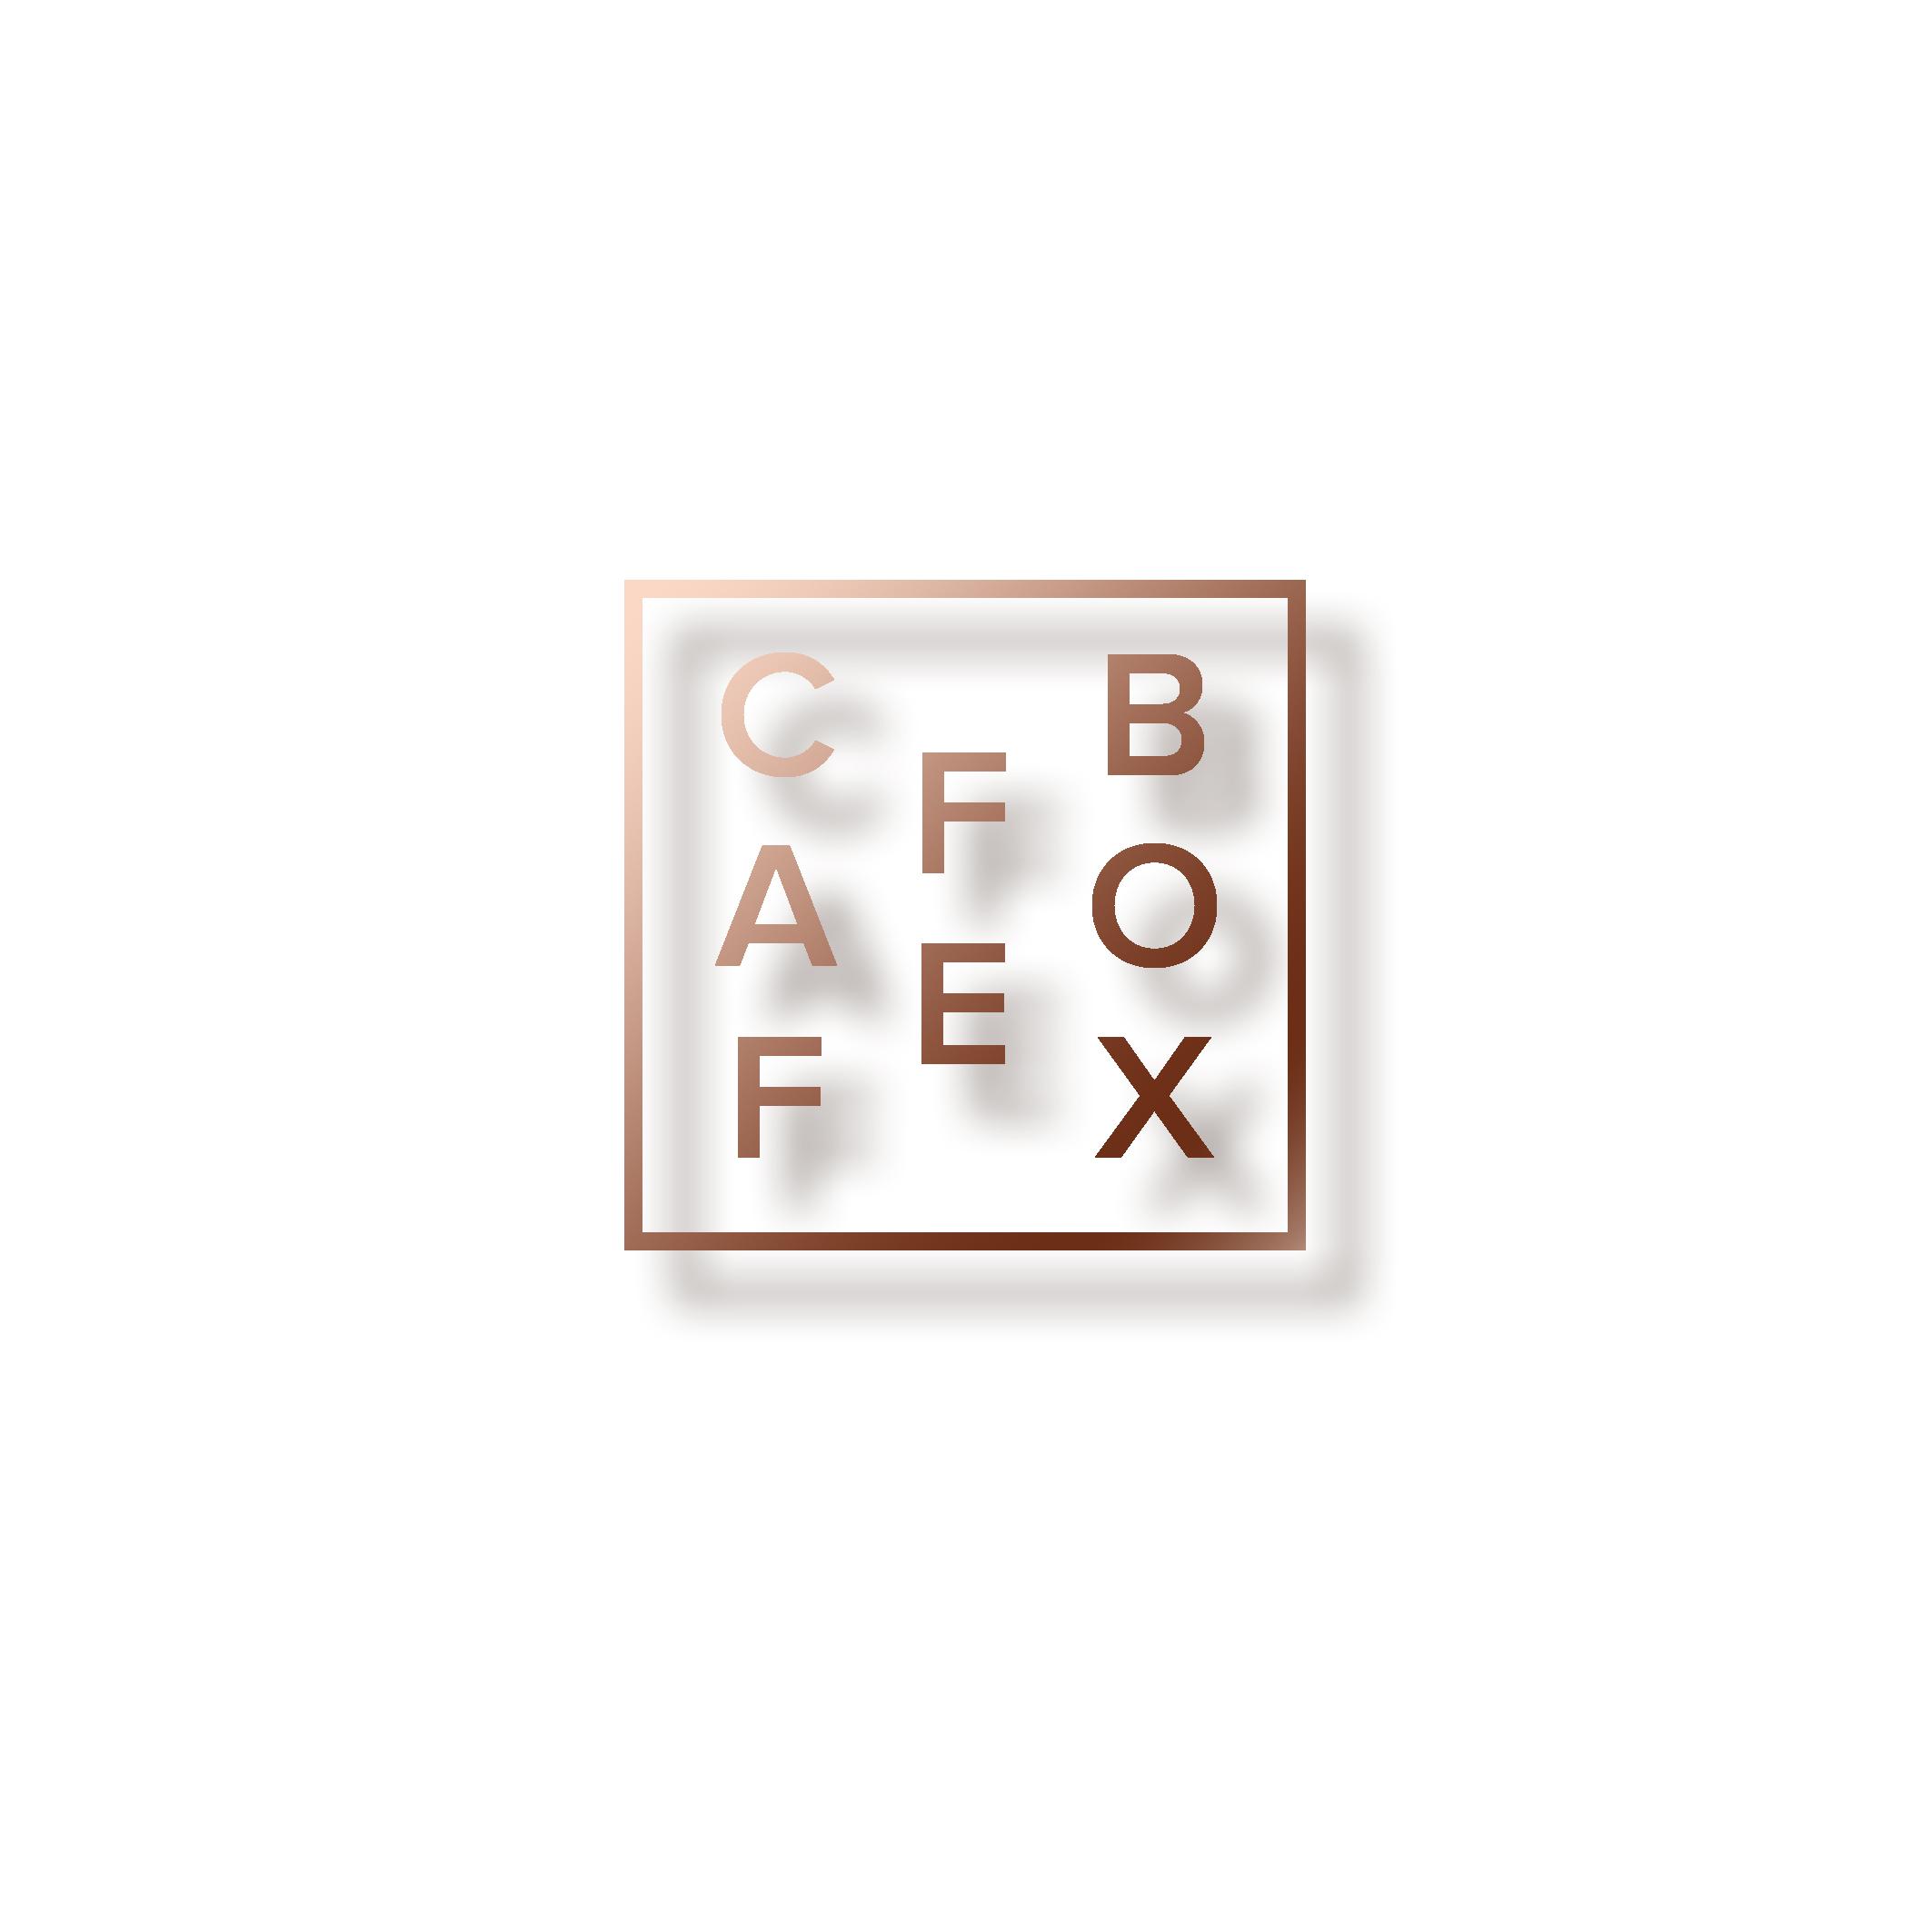 Требуется очень срочно разработать логотип кофейни! фото f_8185a0c50f65a104.jpg